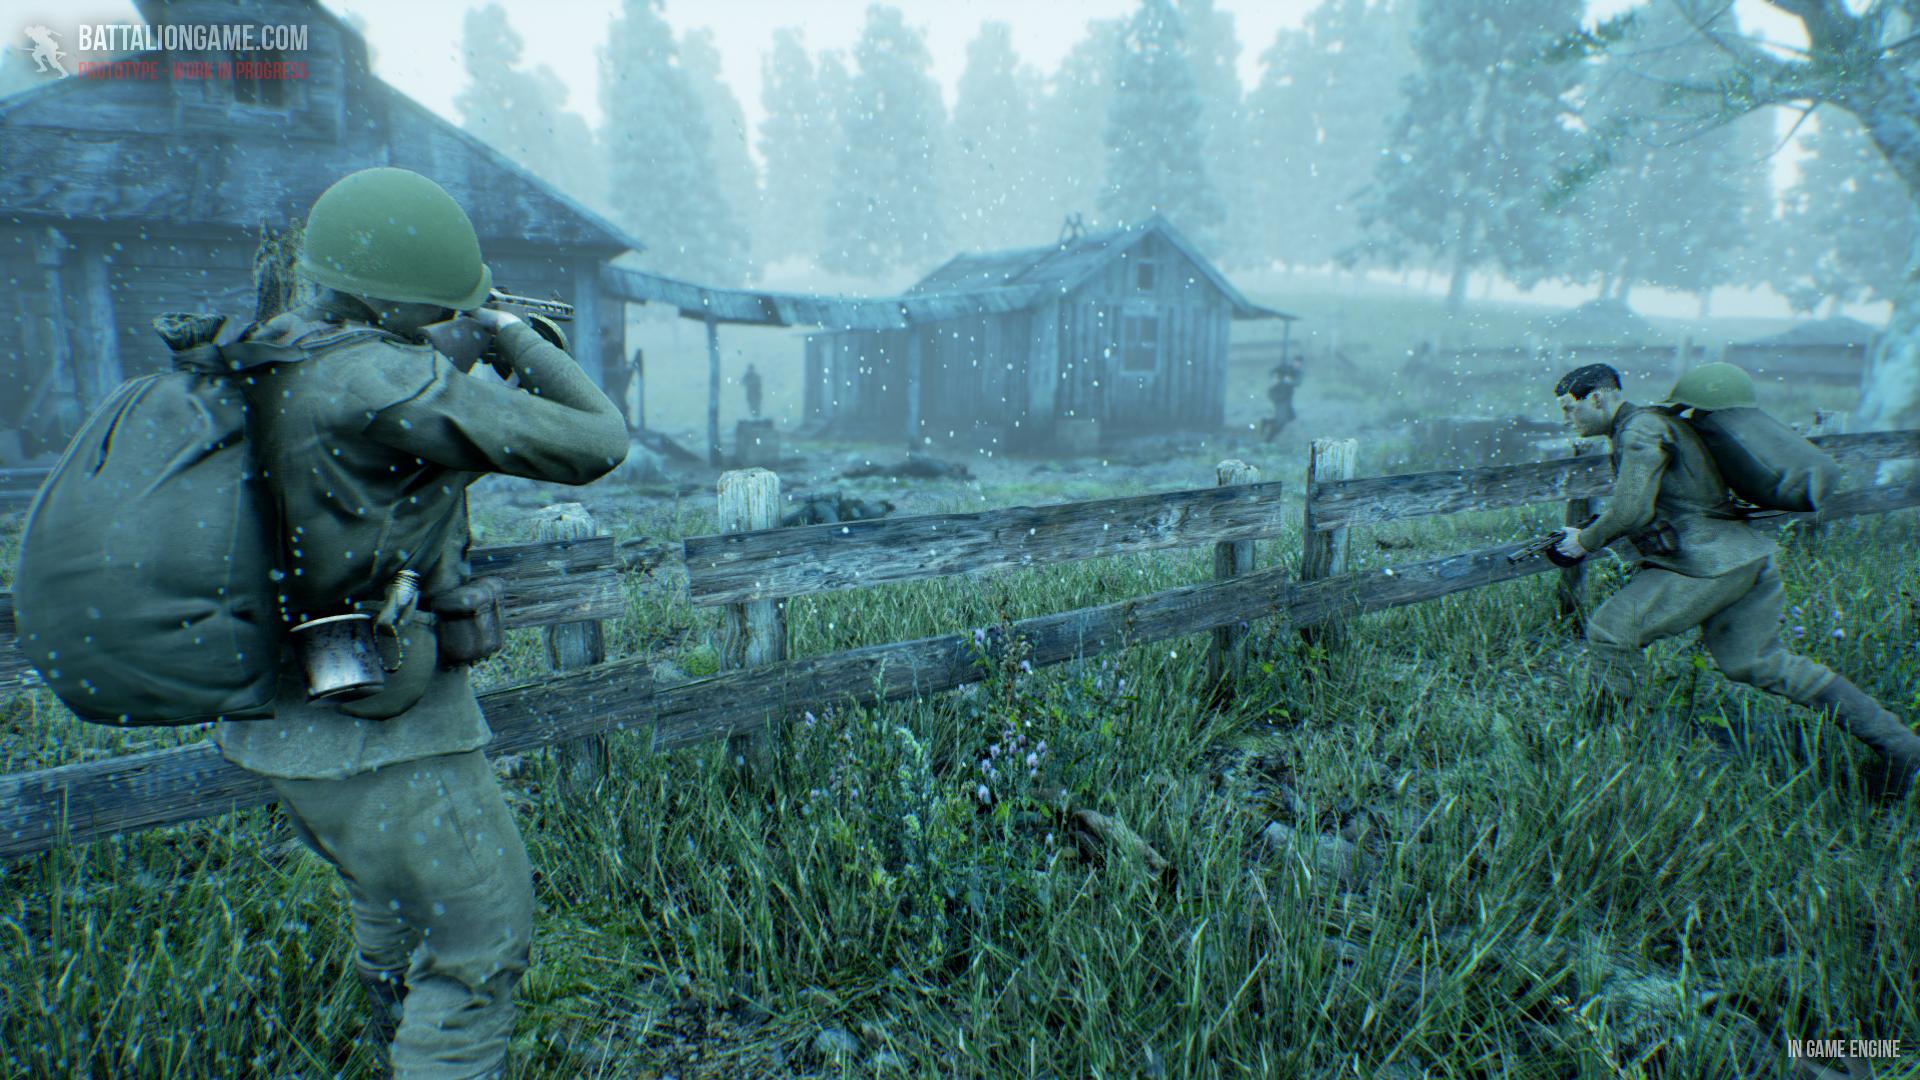 Obrázky z nadějného Battalionu 1944 140691